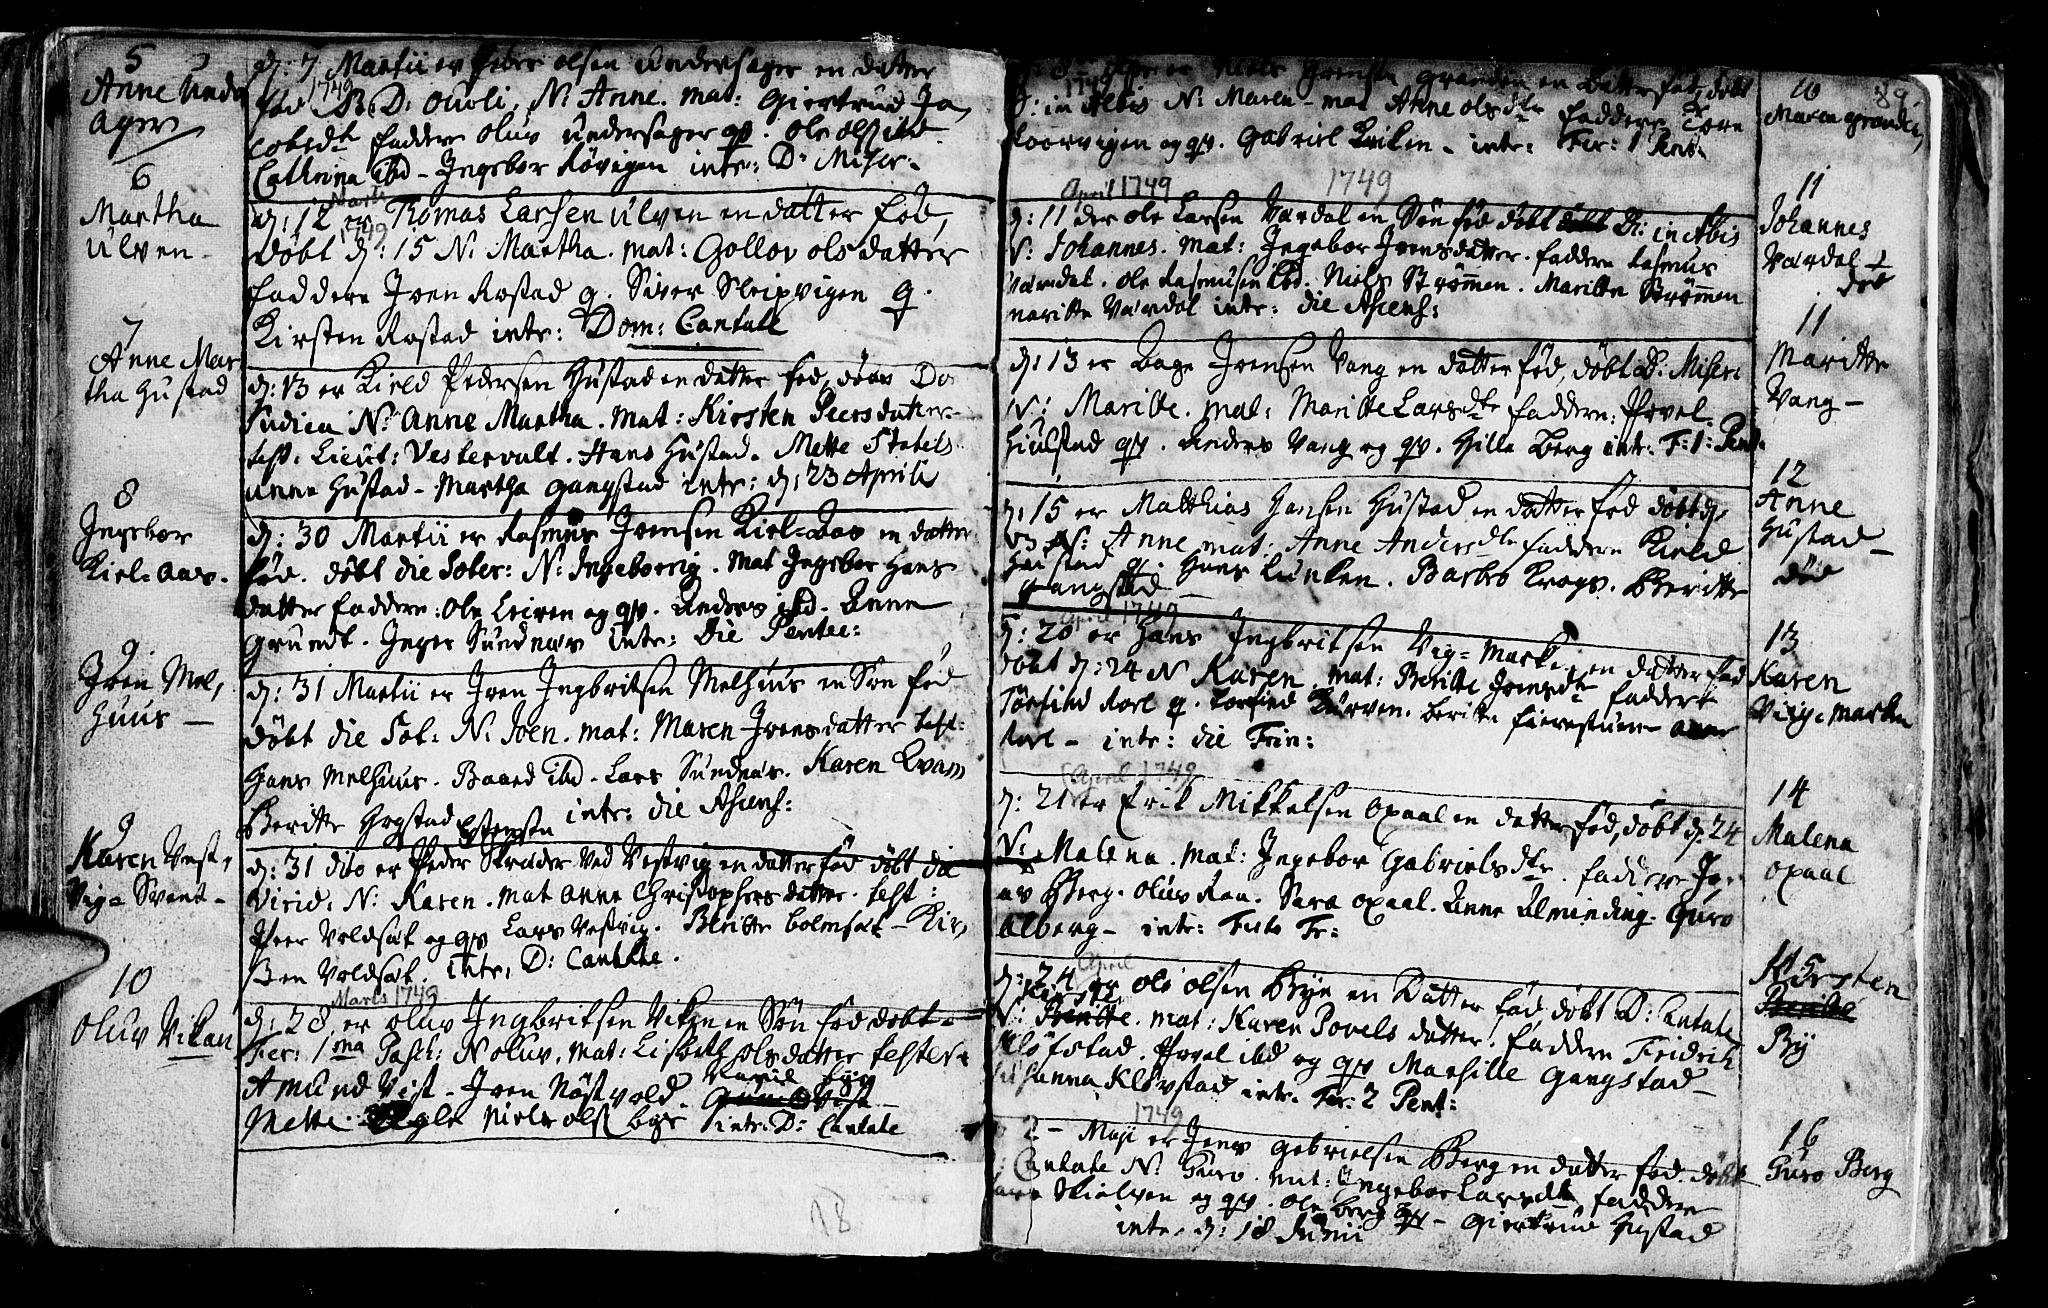 SAT, Ministerialprotokoller, klokkerbøker og fødselsregistre - Nord-Trøndelag, 730/L0272: Ministerialbok nr. 730A01, 1733-1764, s. 89